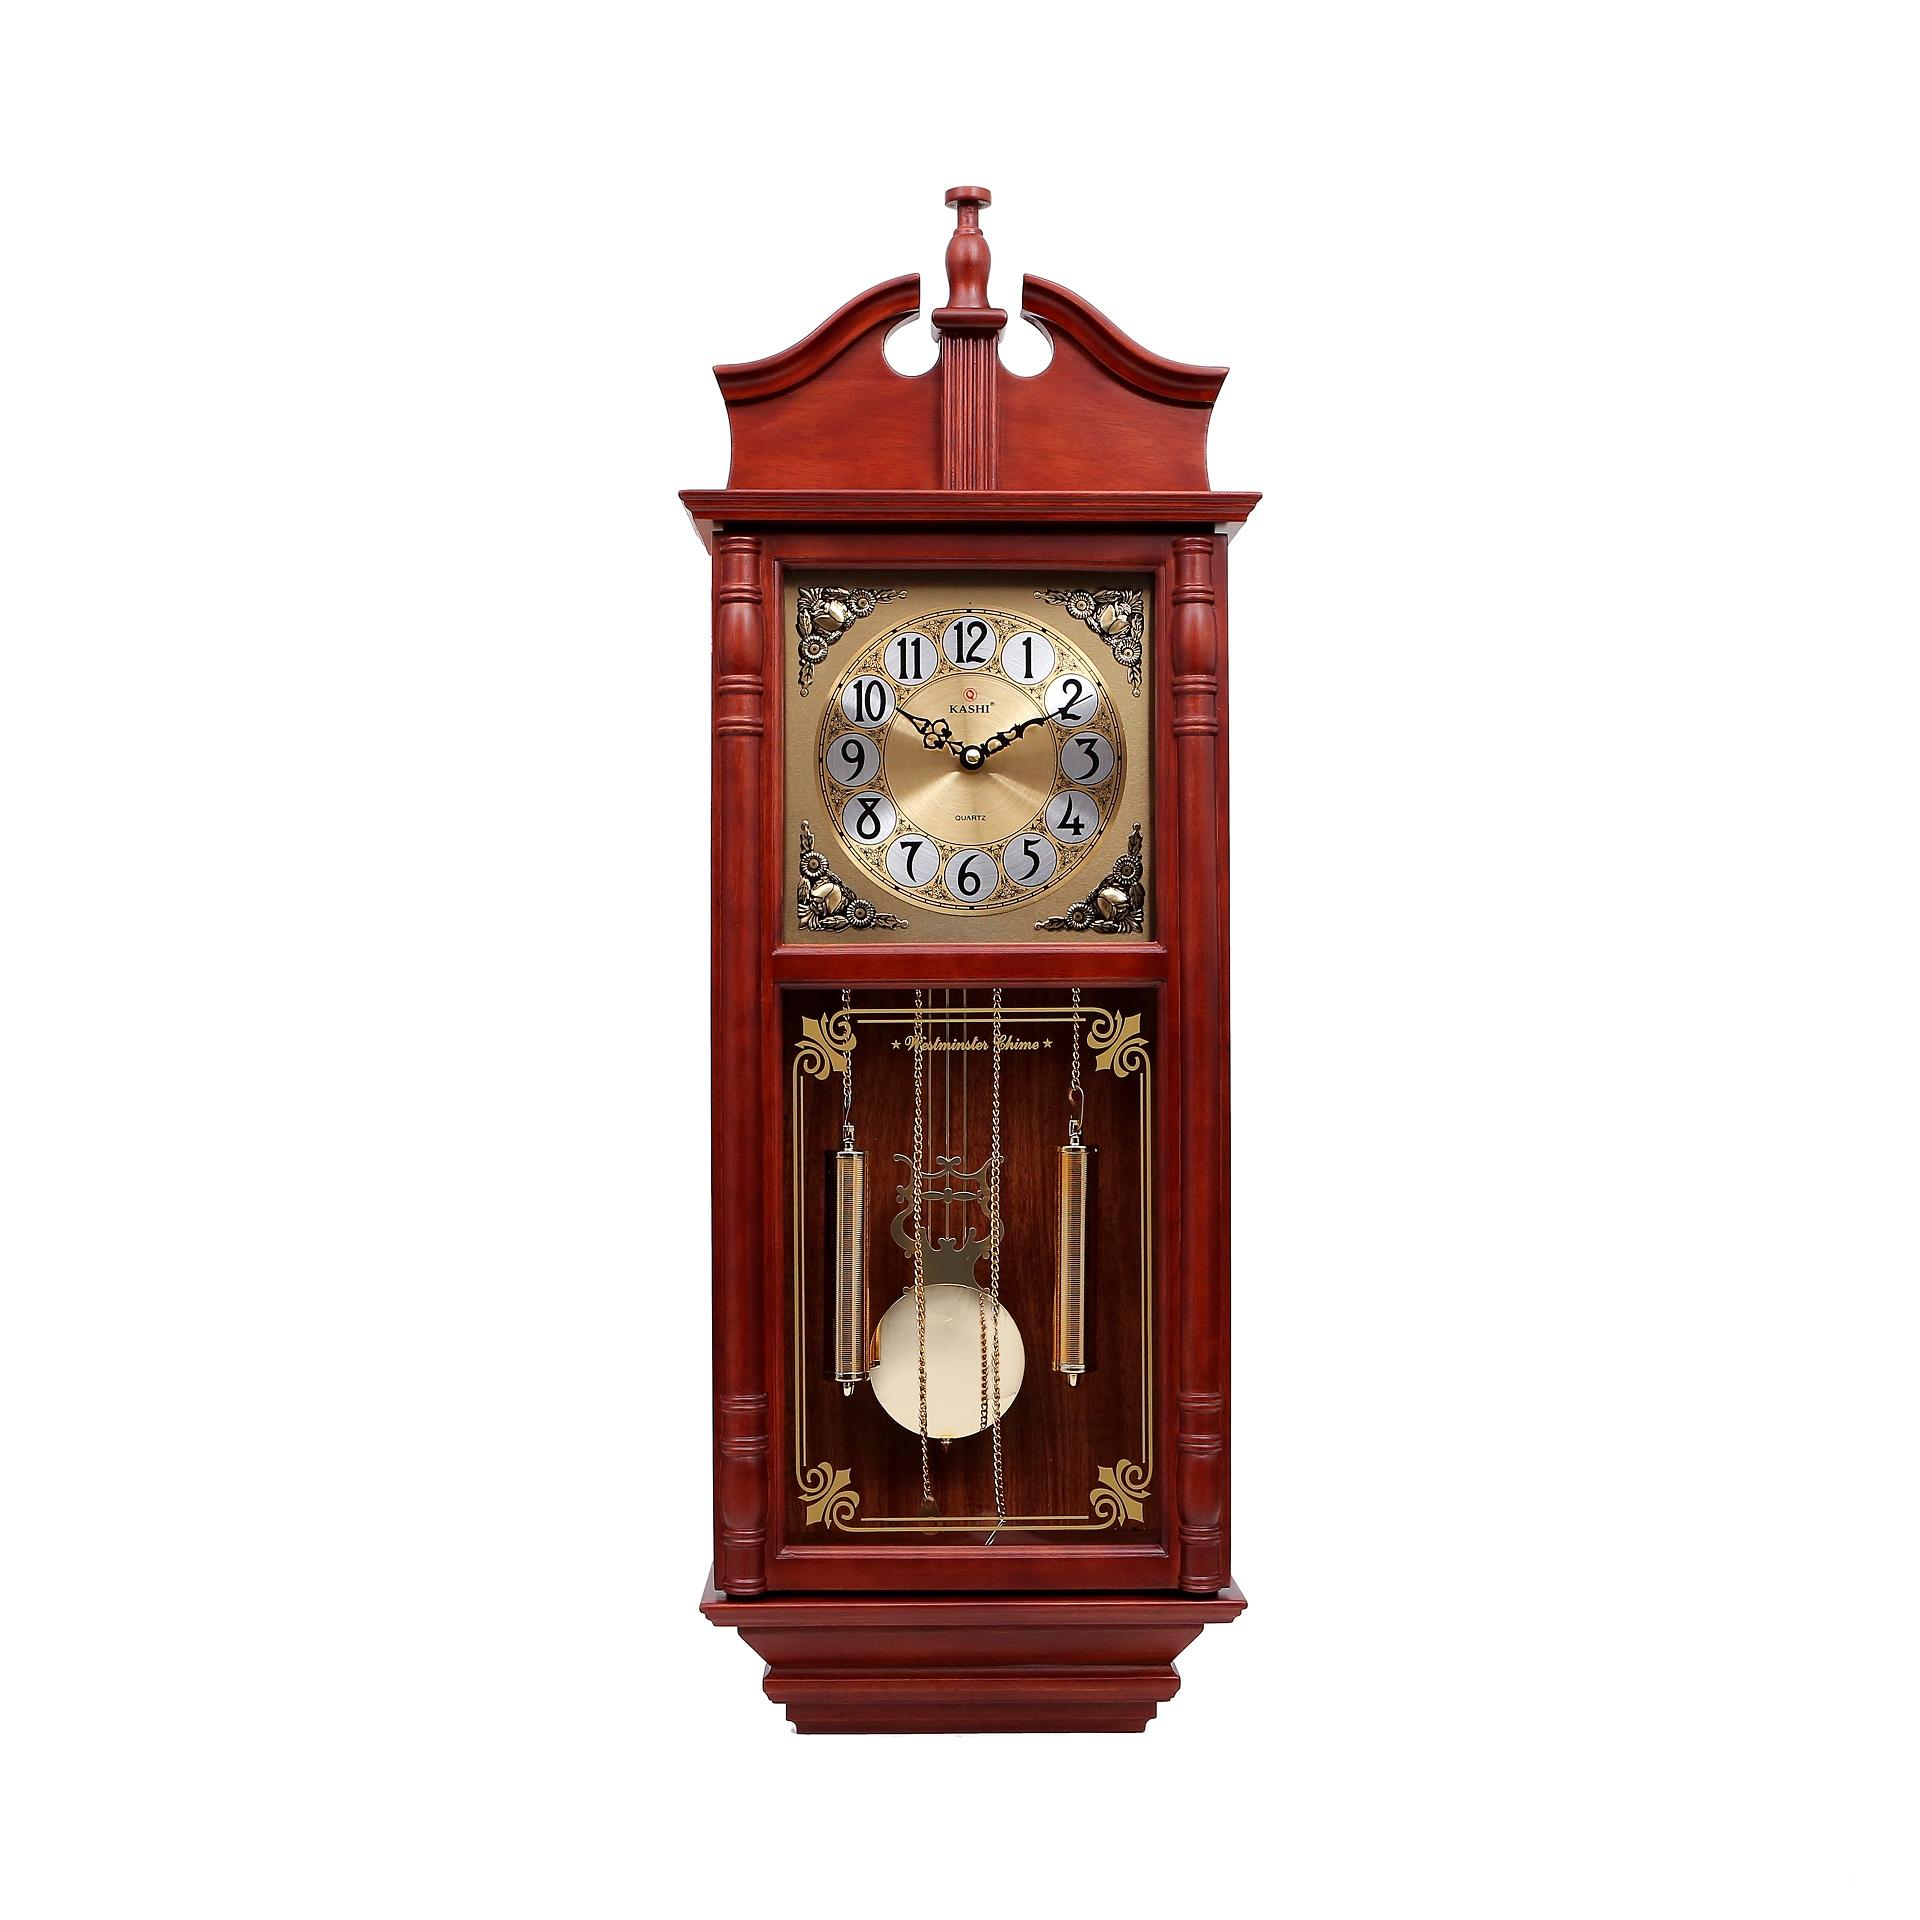 Những mẫu đồng hồ quả lắc treo tường đẹp nhất mà bạn nên biết